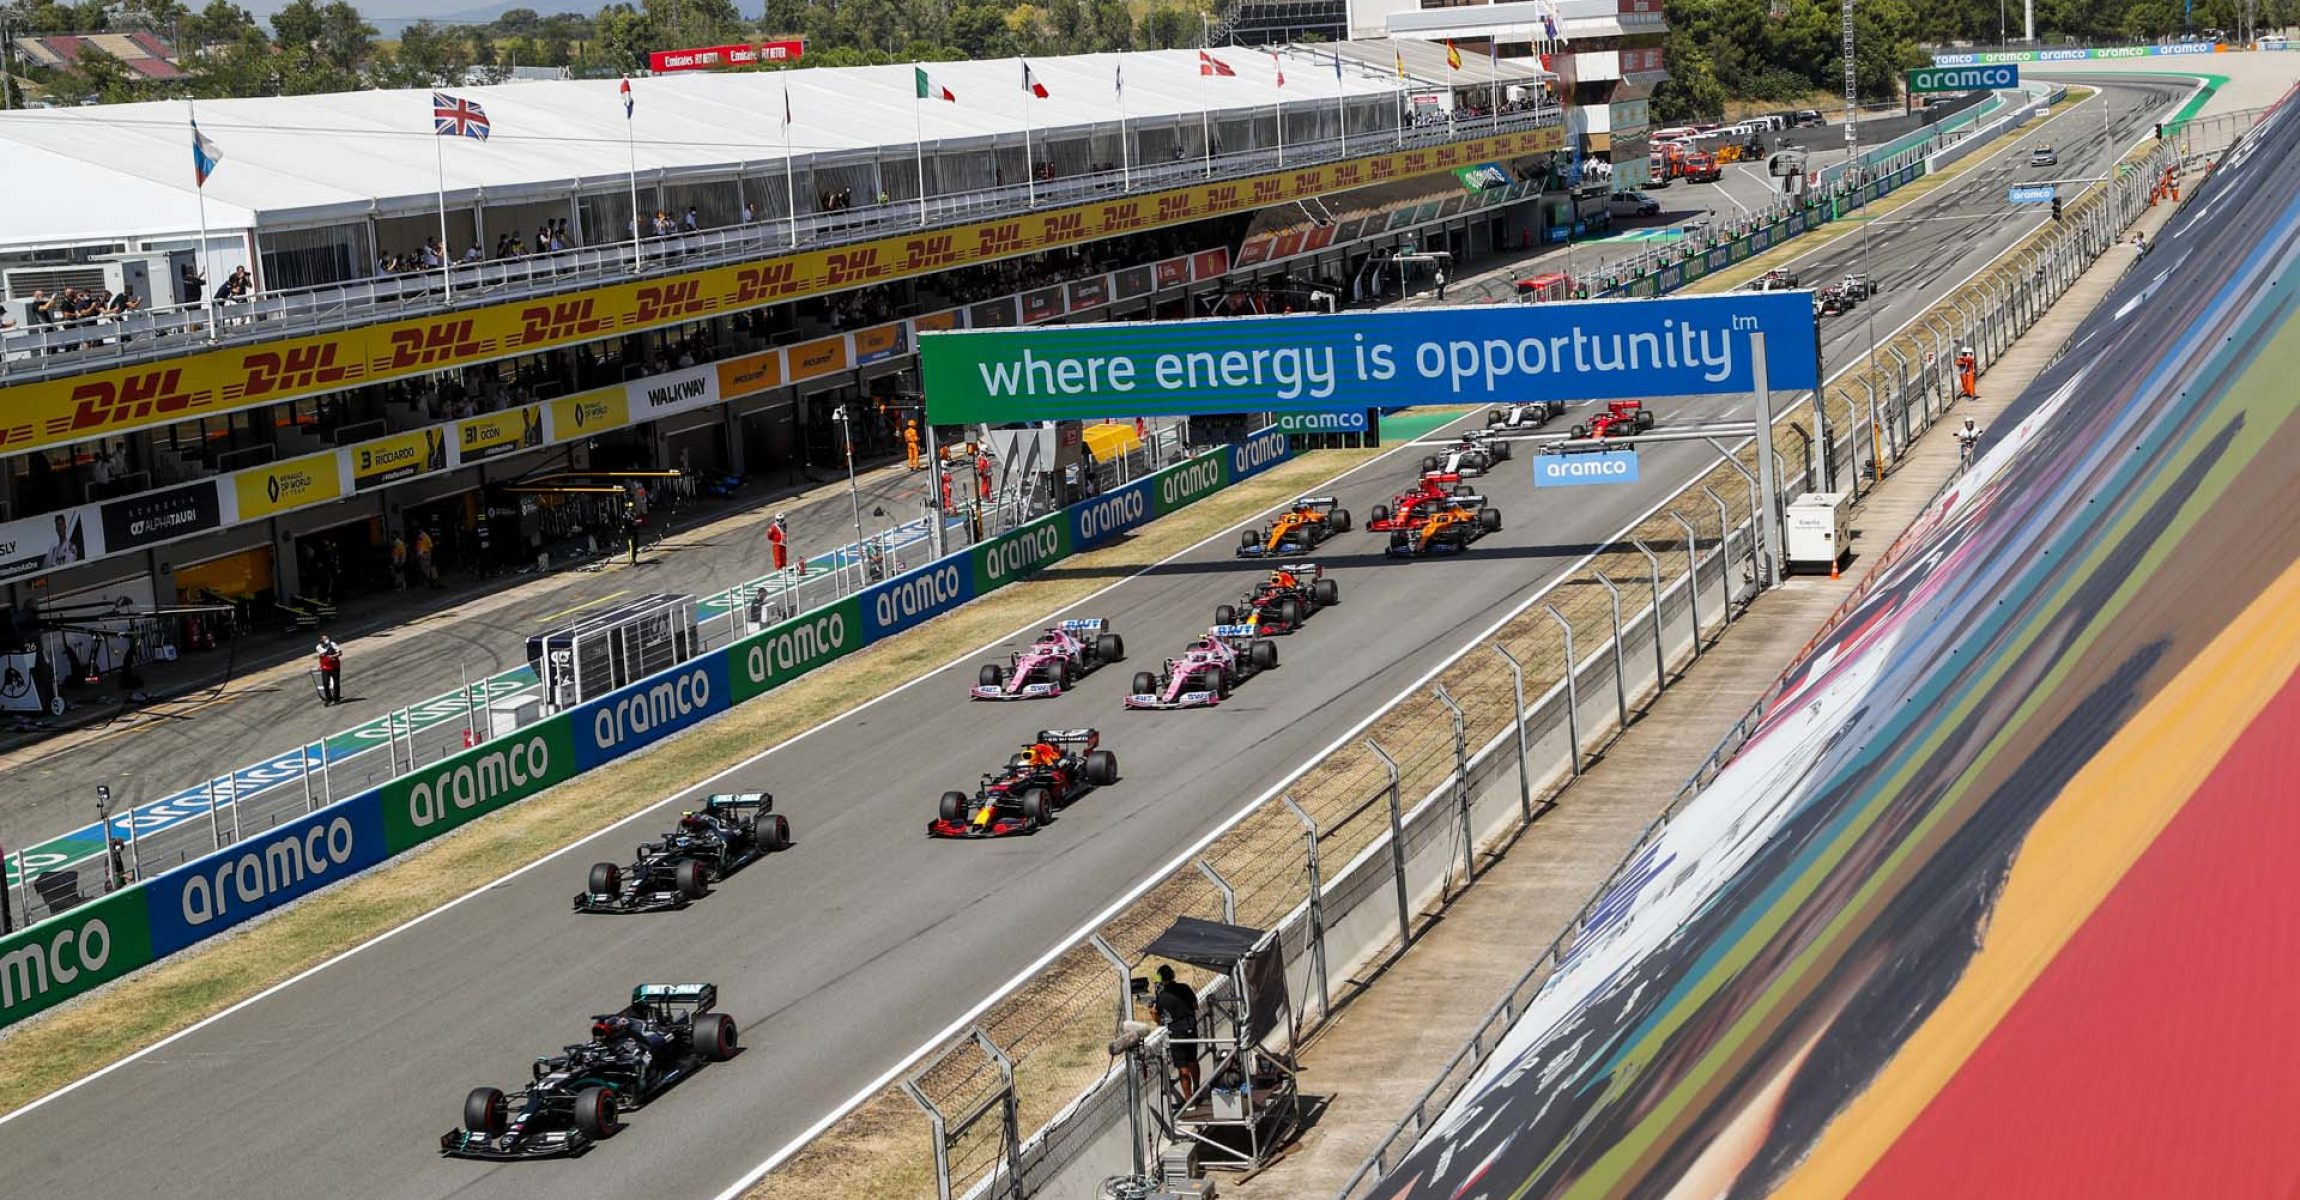 2020 Spanish Grand Prix, Sunday - LAT Images start